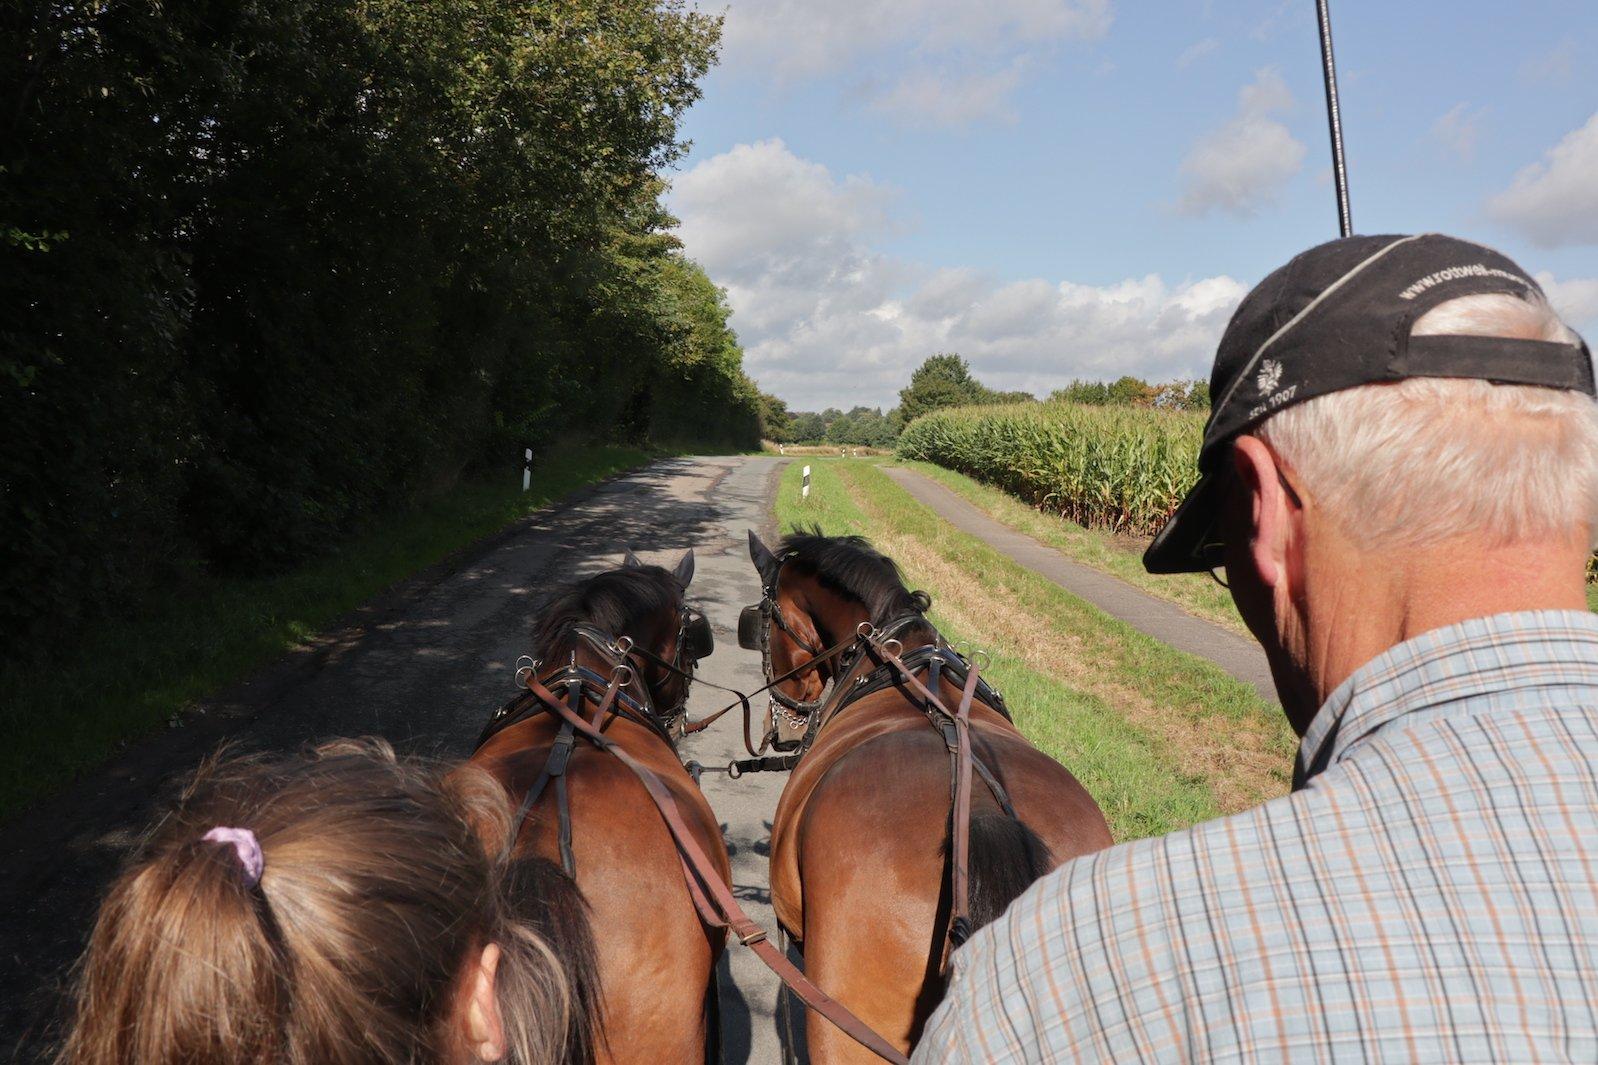 Kutscher, zwingend erforderlicher Beifahrer (hier die Tochter) und die Pferde